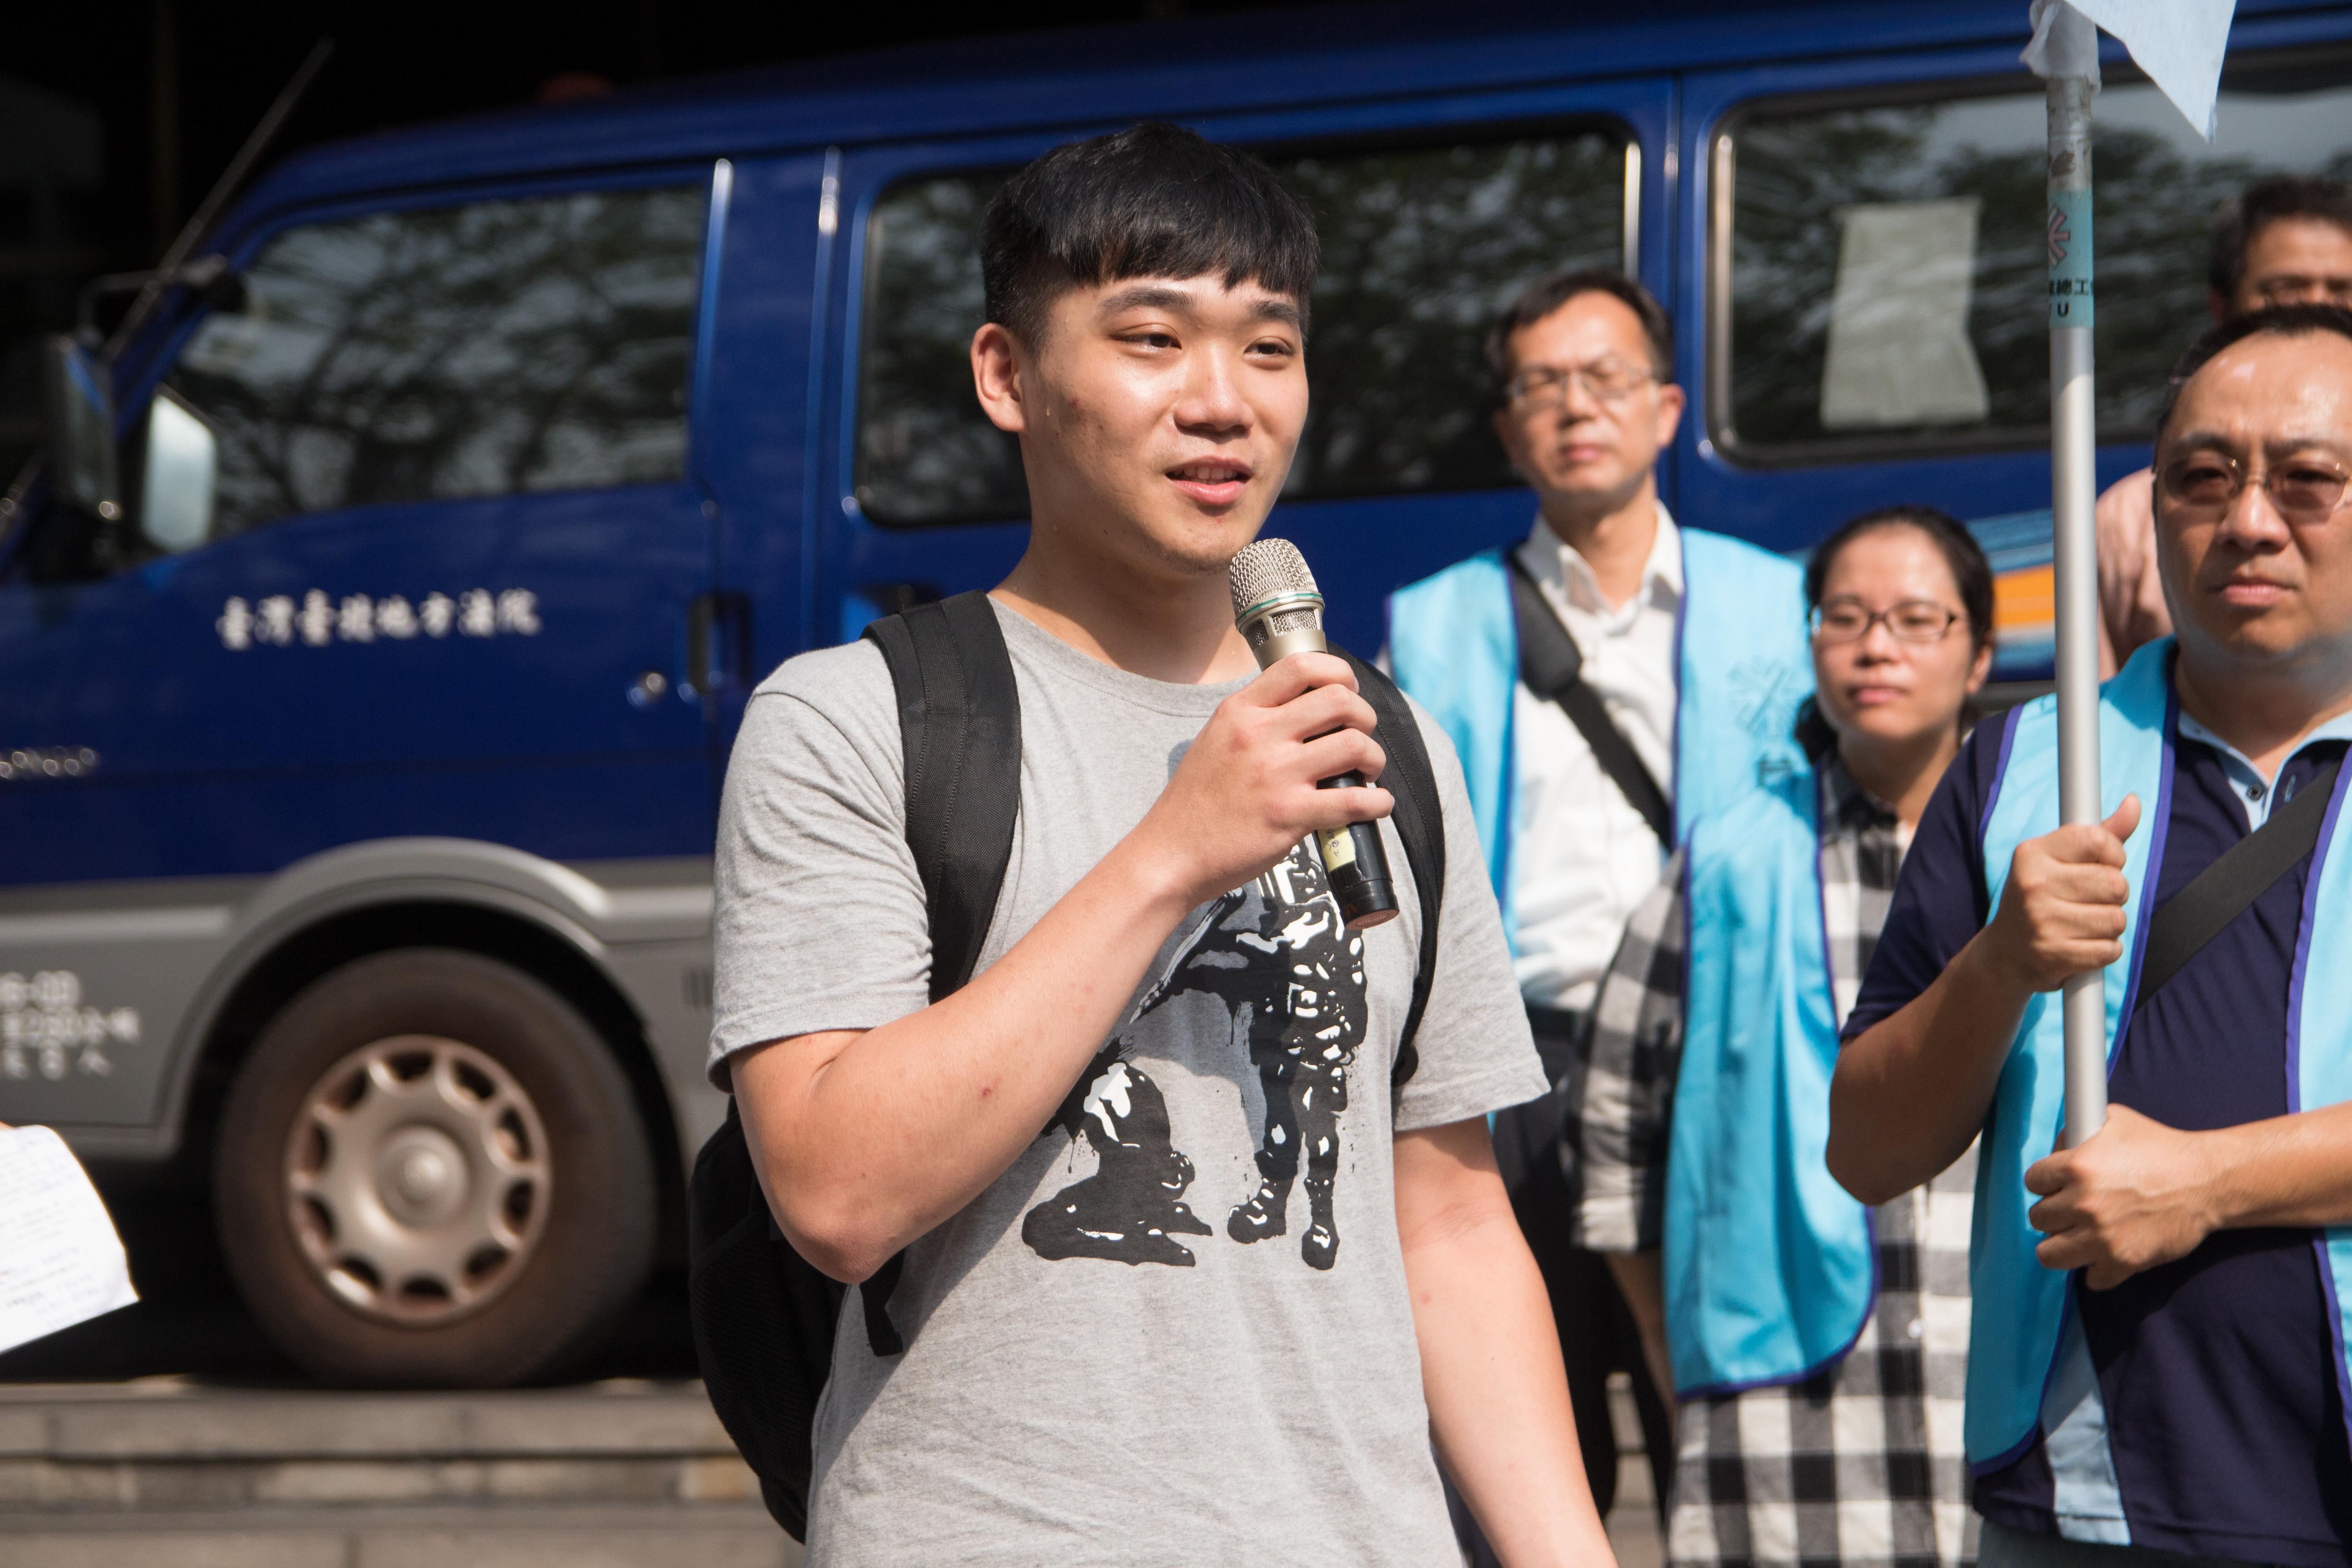 楊尚恩表示,警方清場時將他的置冰箱拿走,他要求歸還,警方表示物品在公務車上,於是他上車取物,結果就被依妨礙公務逮捕。 圖/張方慈攝